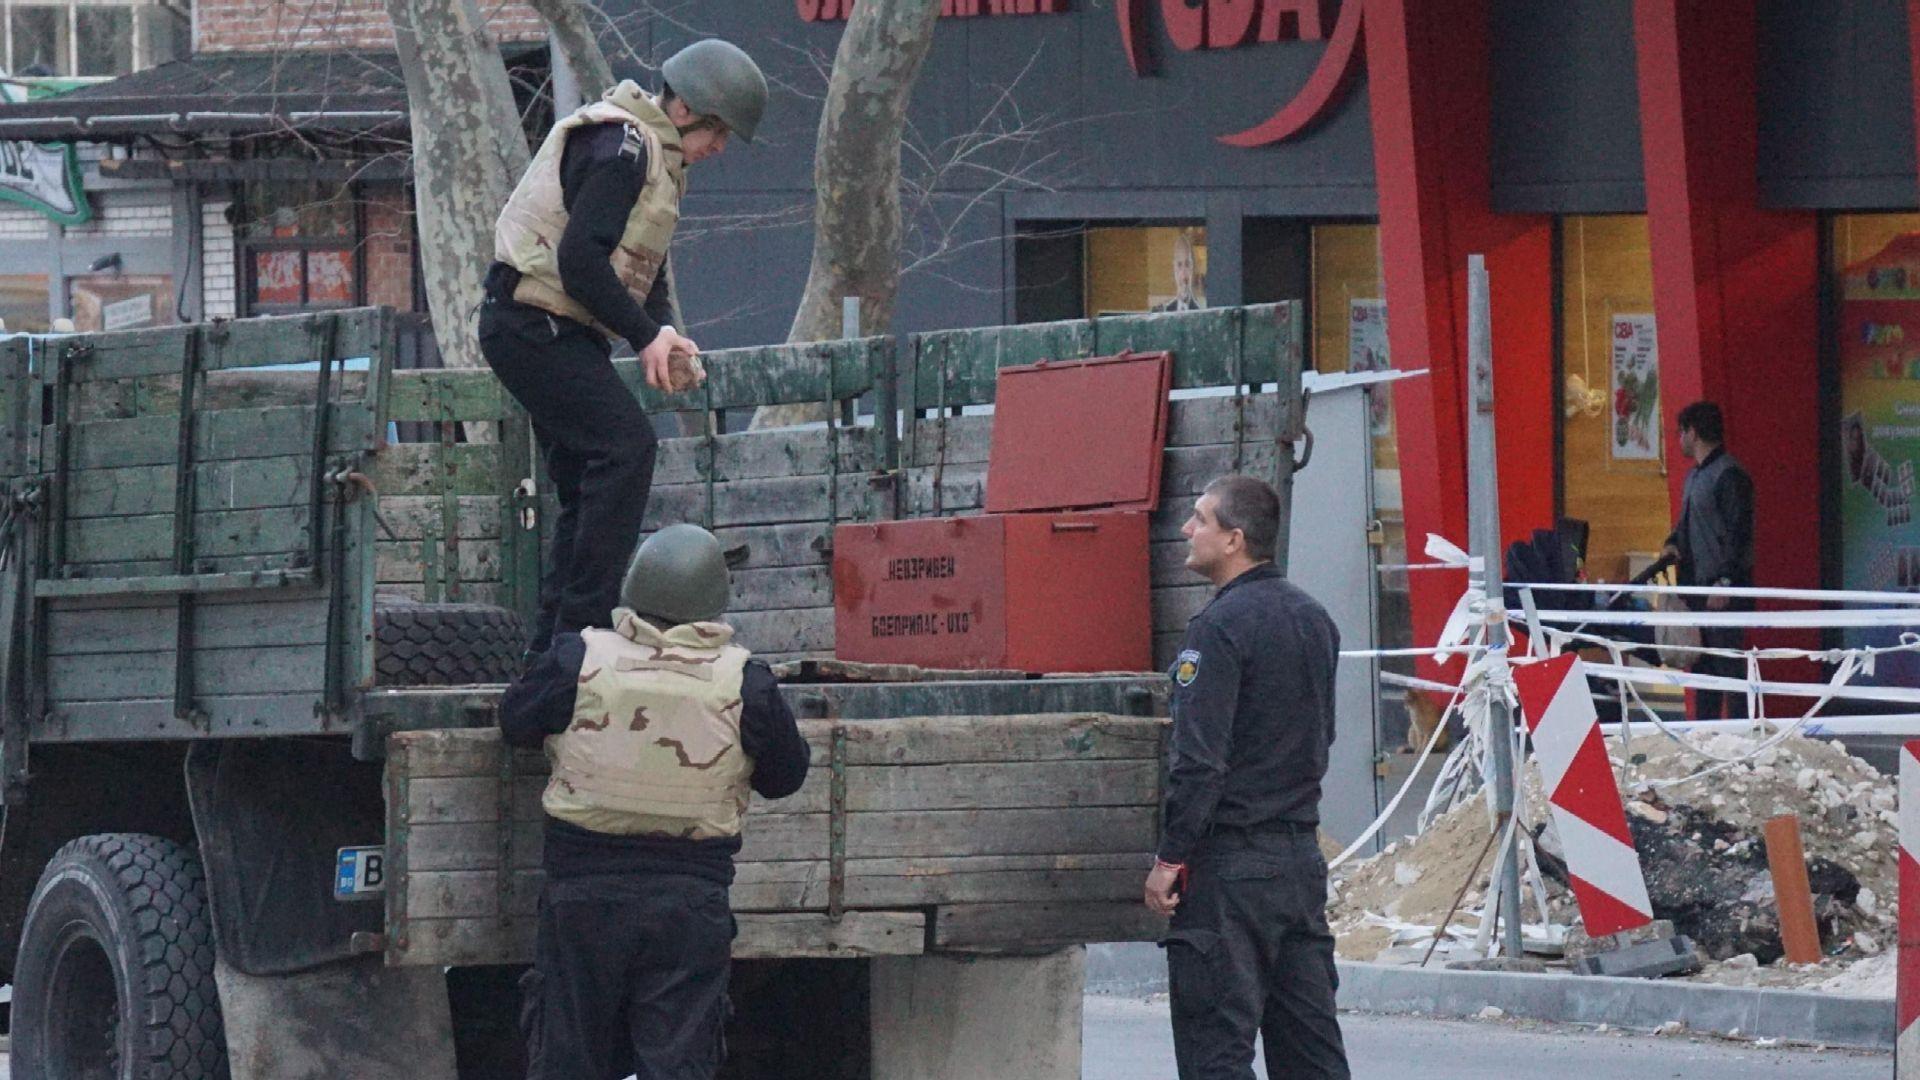 С голи ръце преместиха намерения снаряд във Варна (снимки)